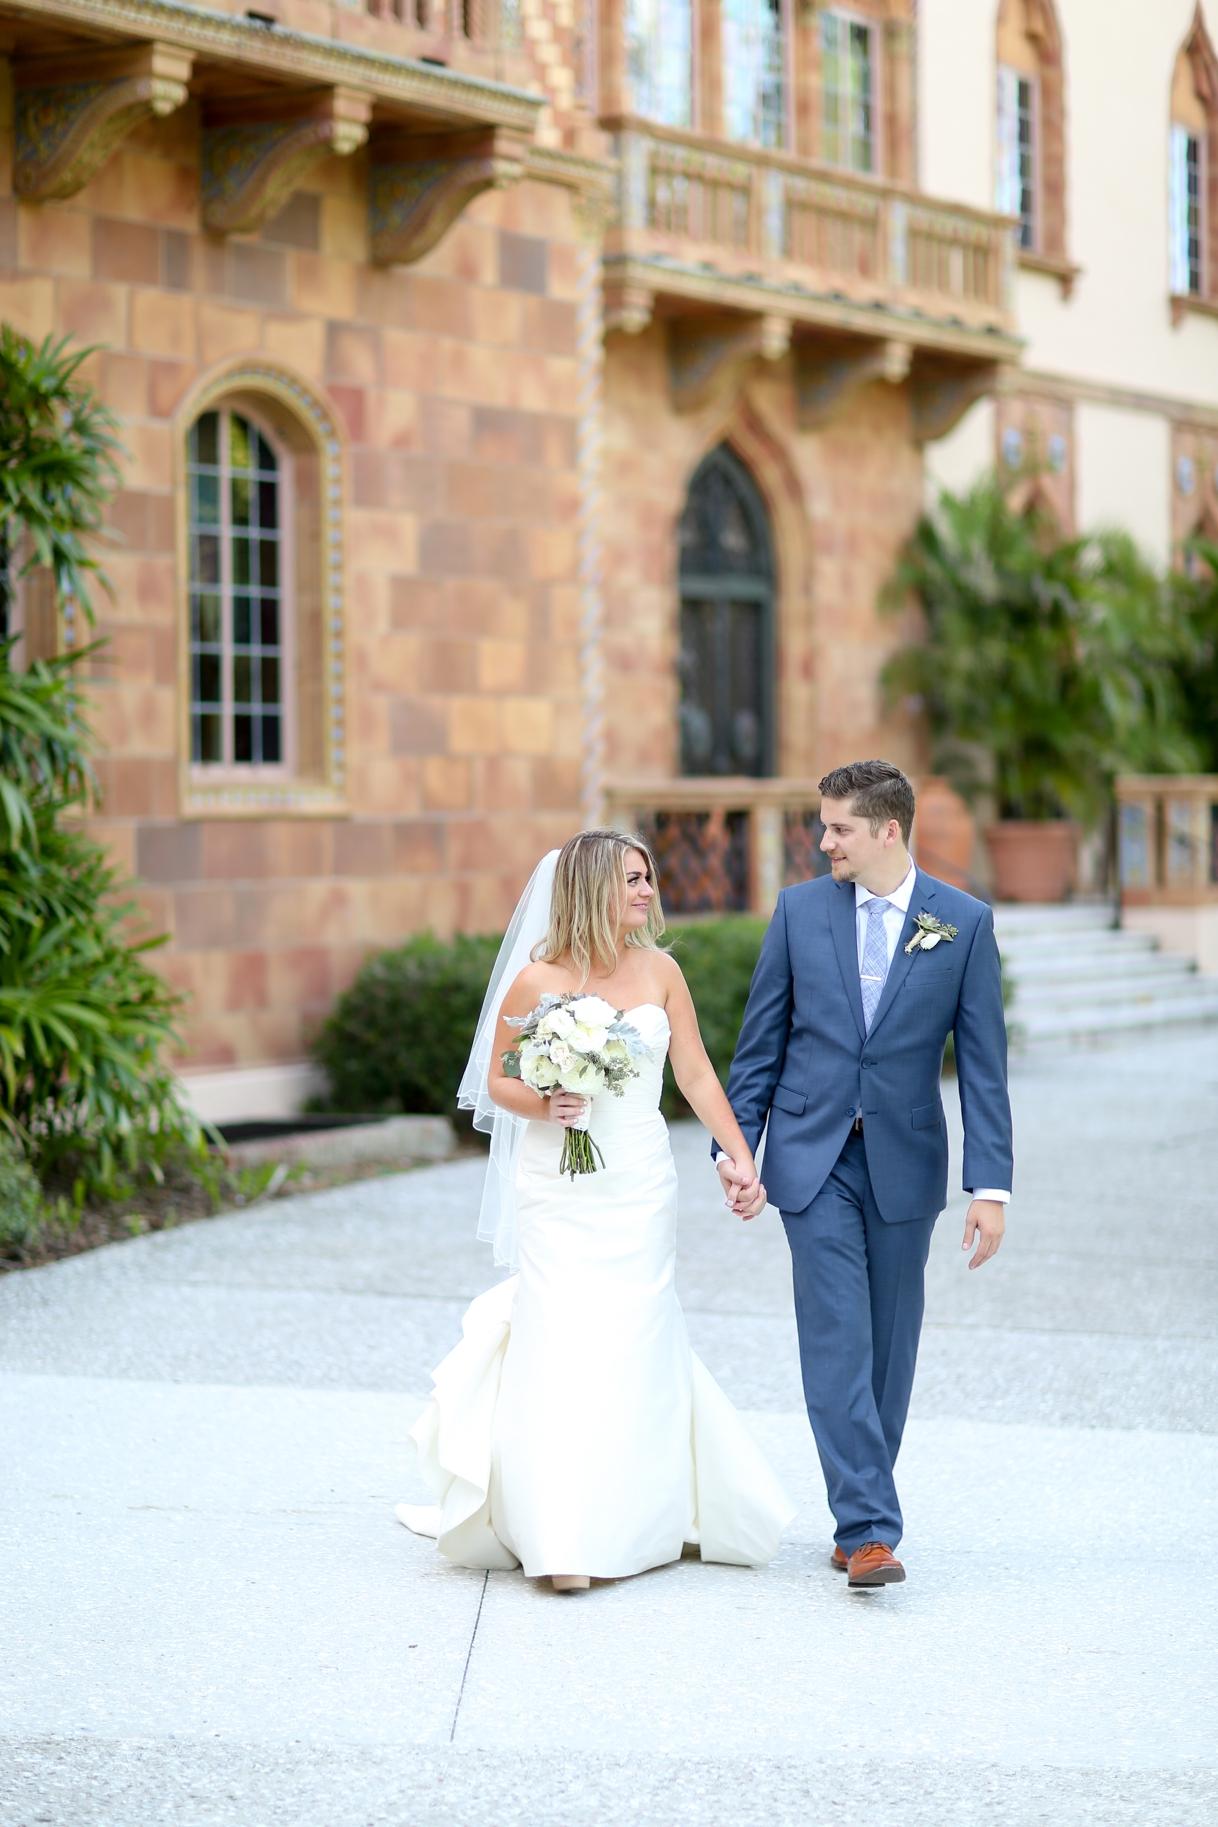 audreysnow-photography-Ringling-ca-dzan-mansion-sarasota-wedding-photographer_4128.jpg